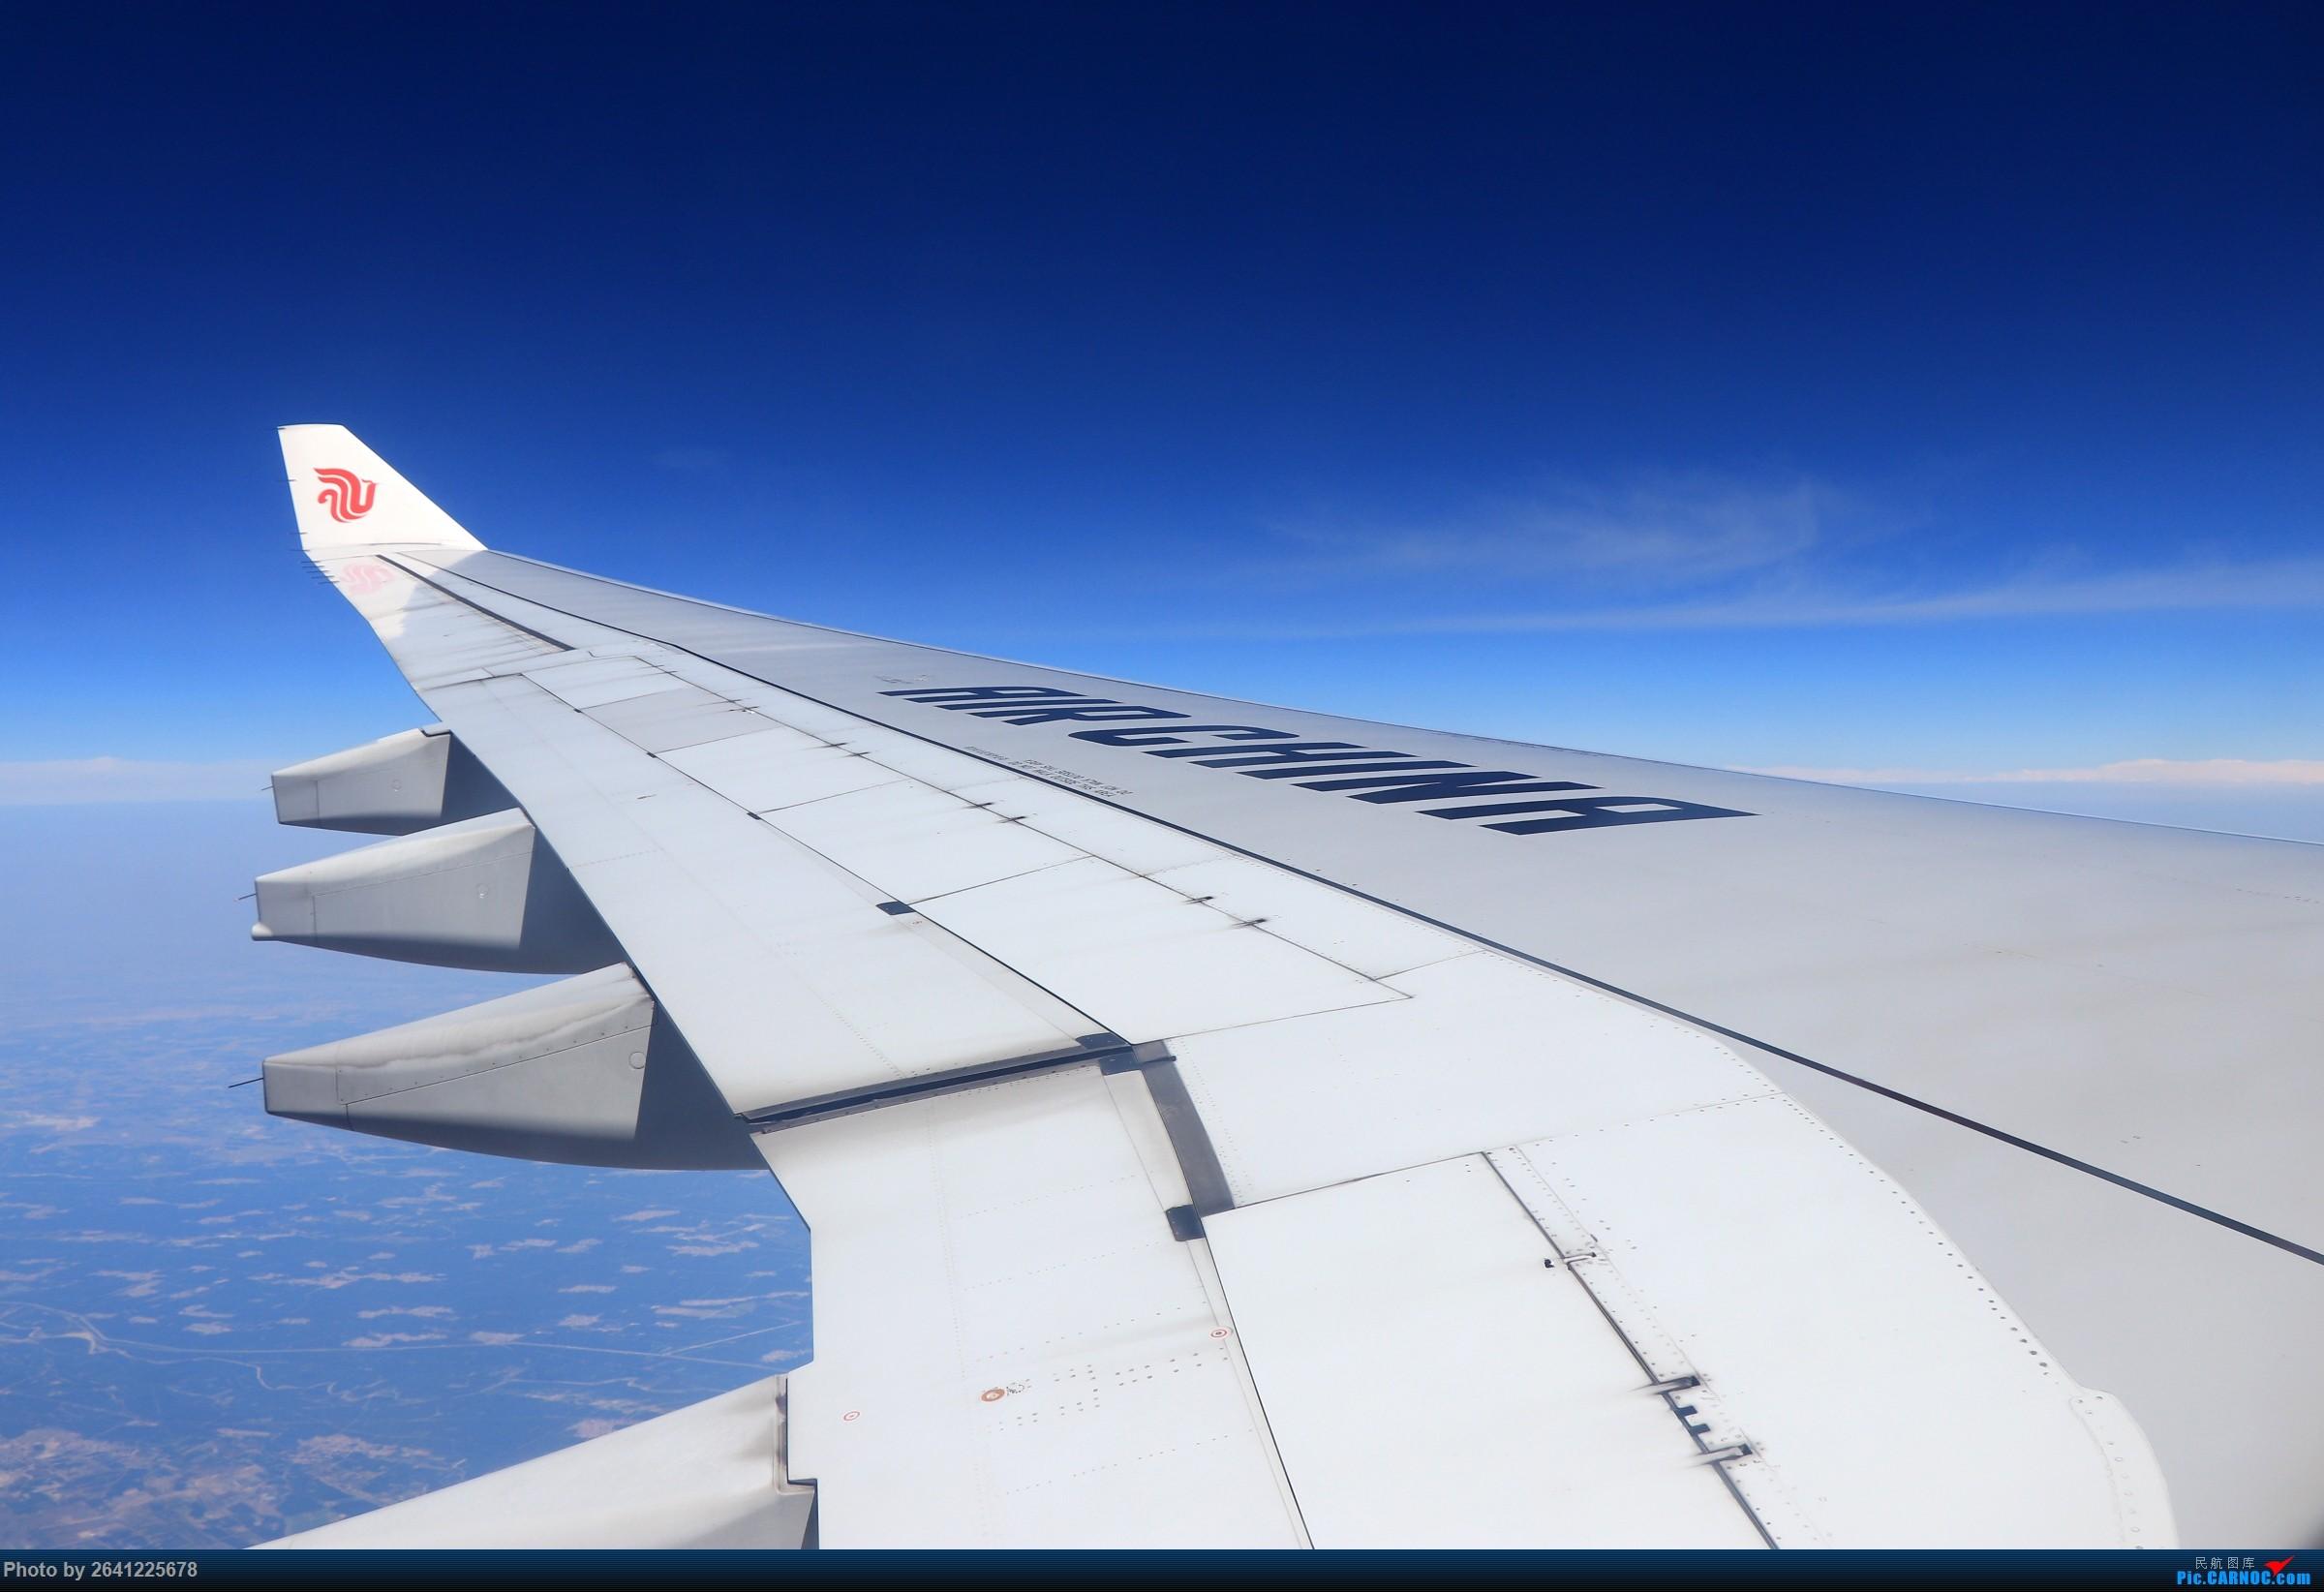 Re:[原创]【和小周飞拍世界第4集】空铁联运回家乡,长白延边好风光(家庭出游+探亲吉林6日游) AIRBUS A330-300 B-6511 中国北京首都国际机场